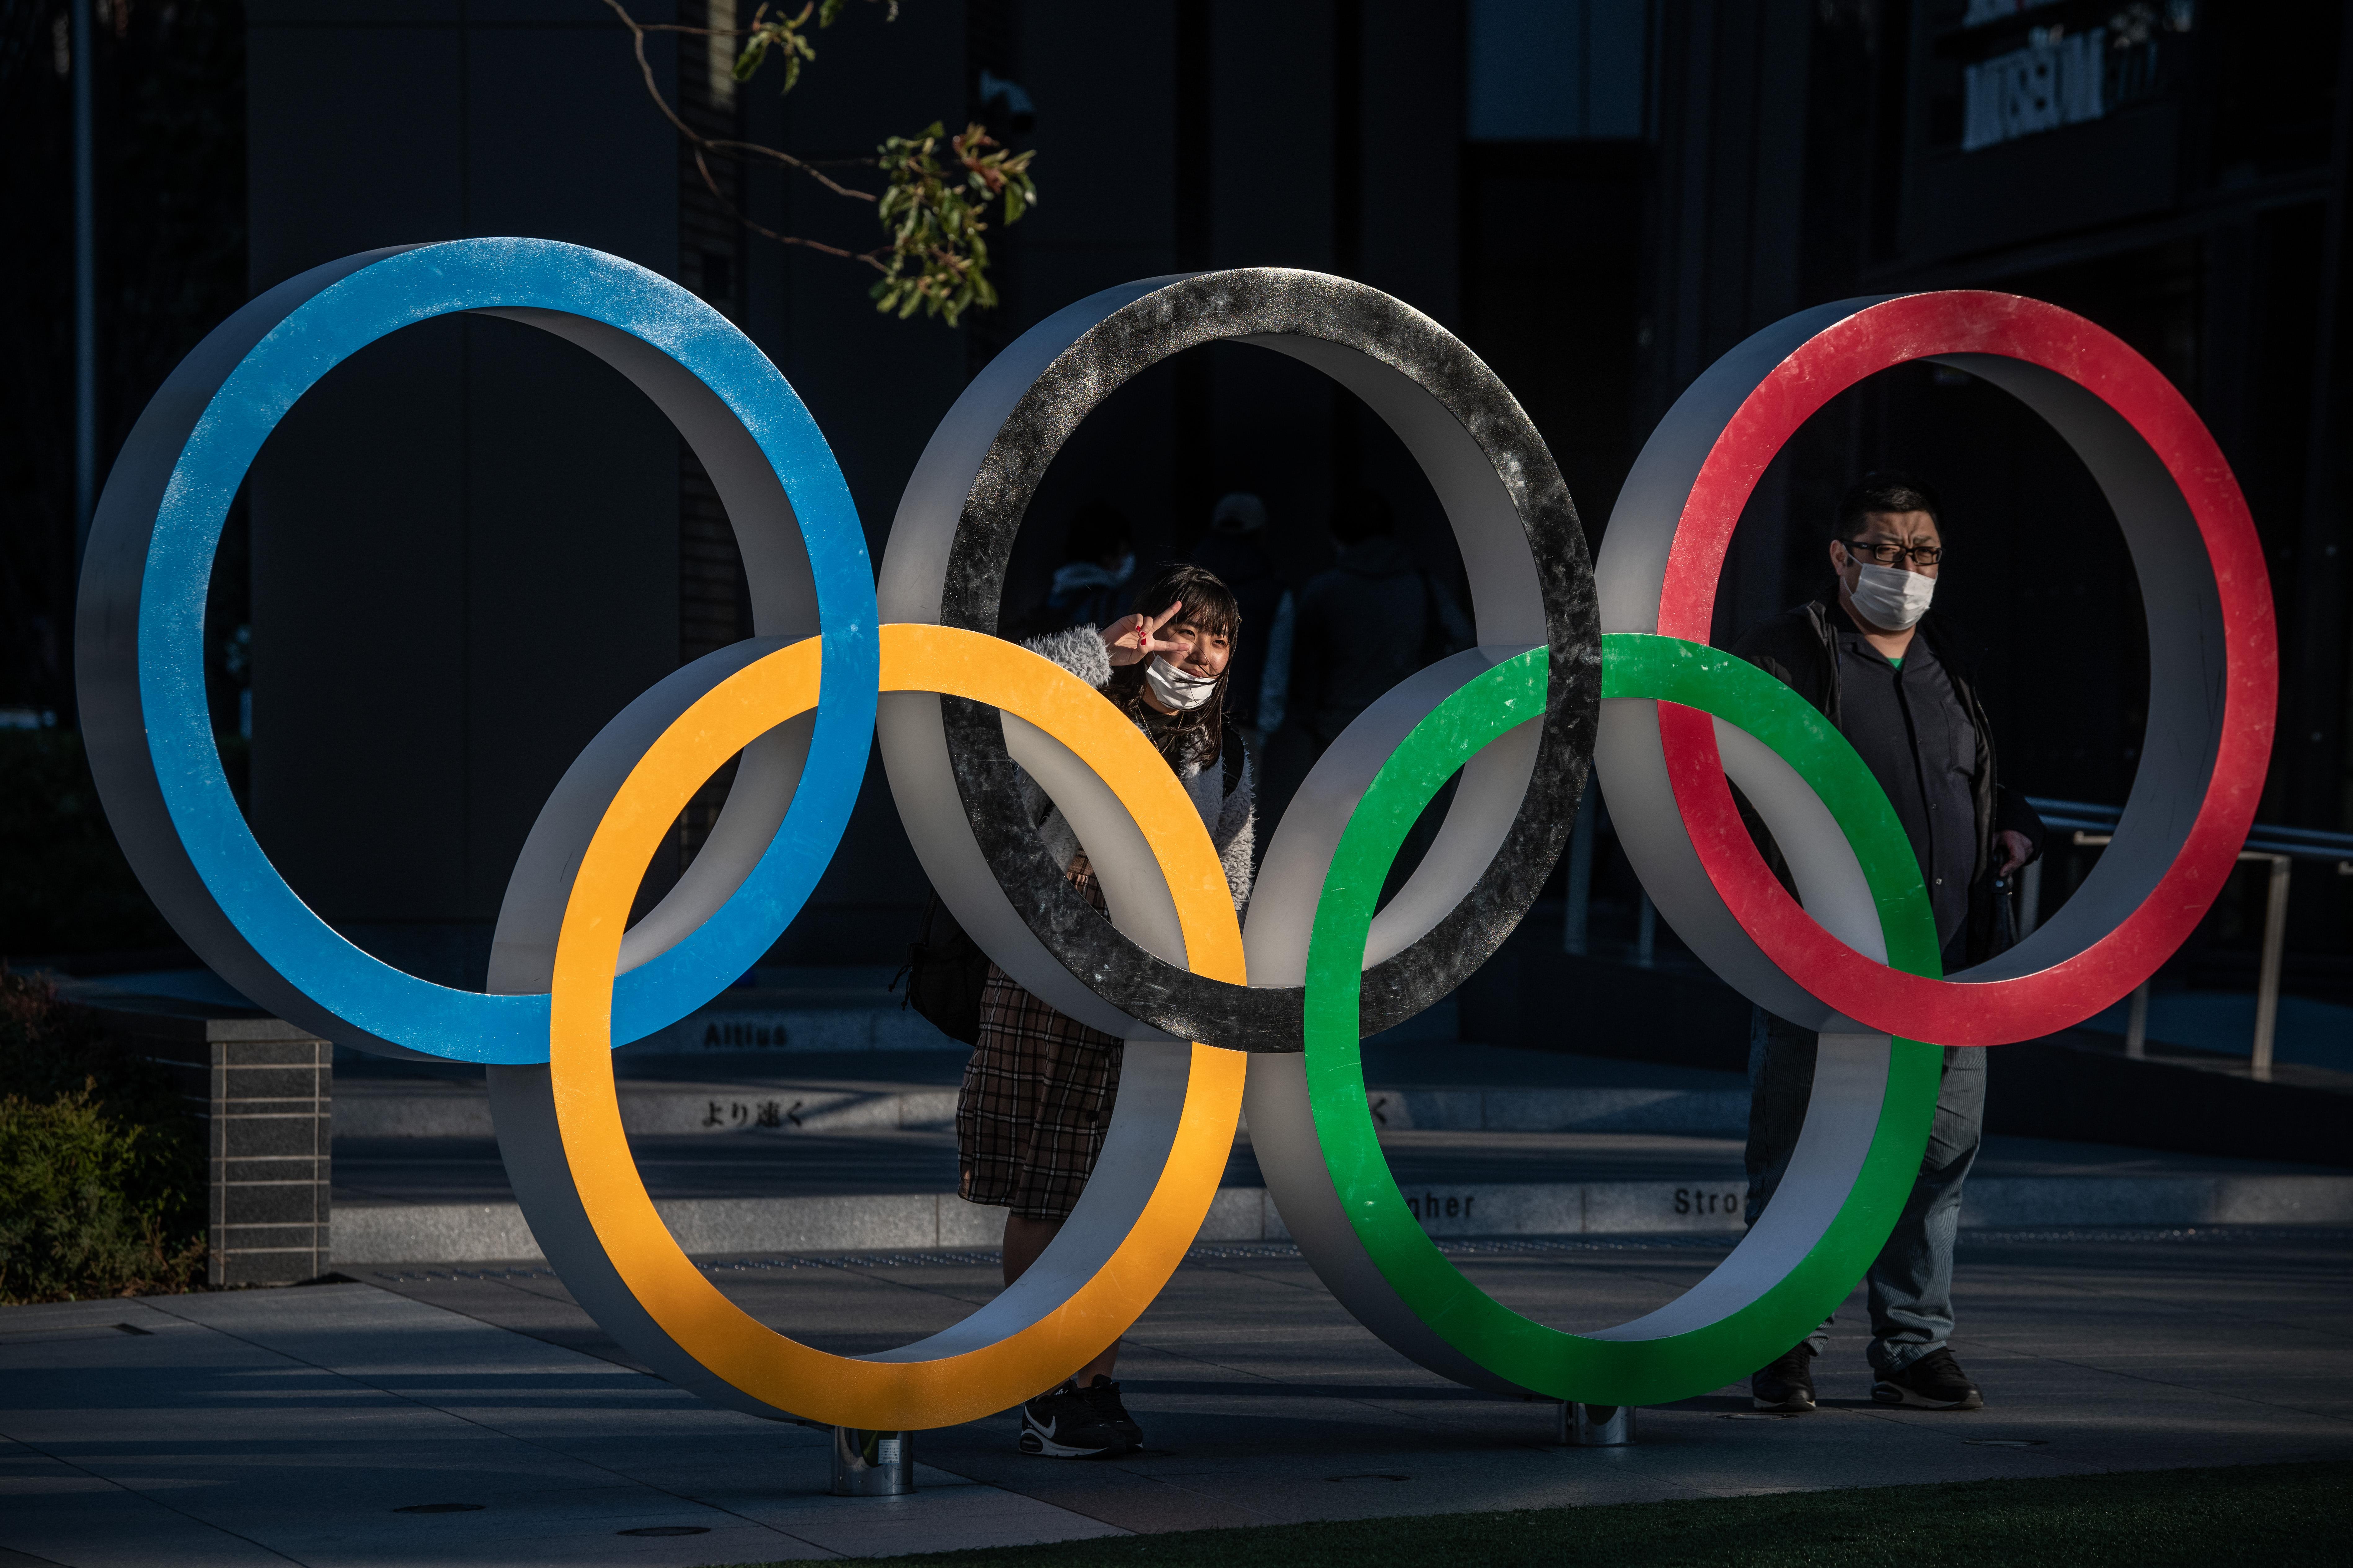 A fost stabilita noua data de desfasurare a Jocurilor Olimpice de la Tokyo: 23 iulie - 8 august 2021